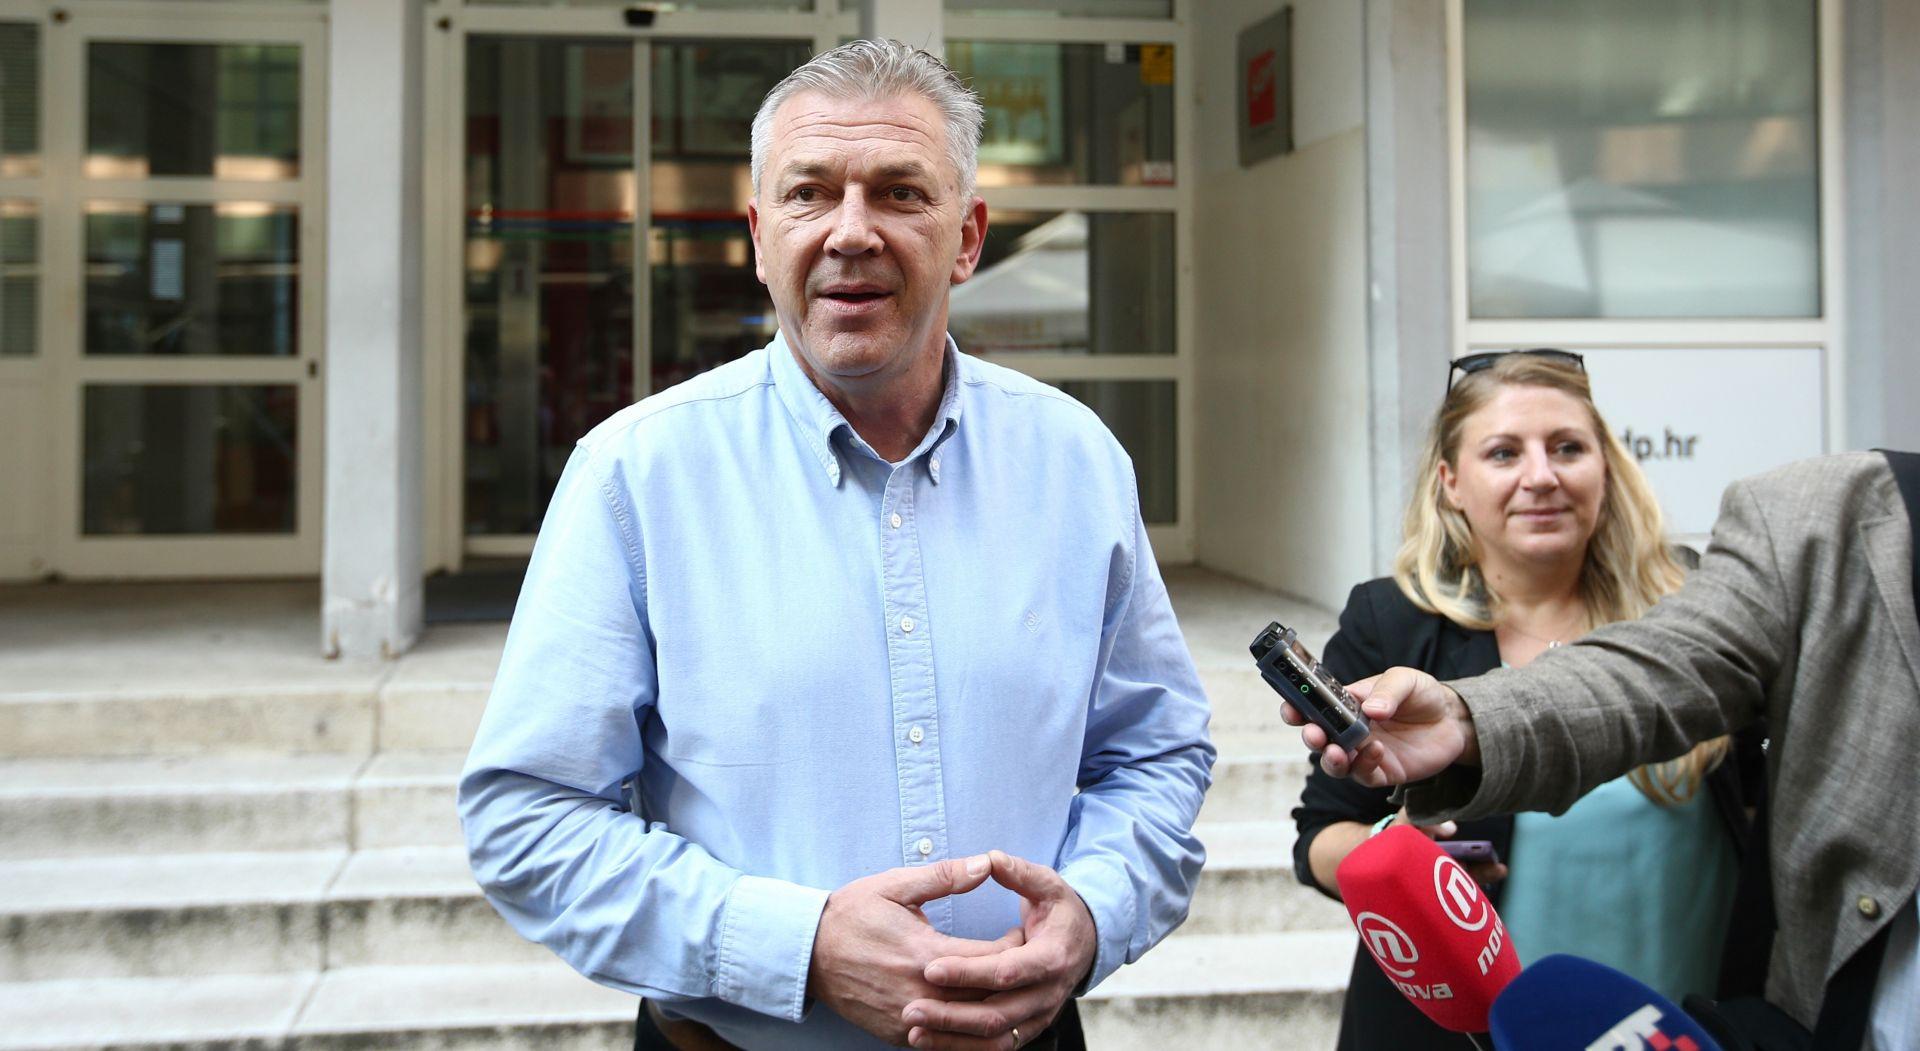 Ranko Ostojić predao kandidaturu za predsjednika SDP-a